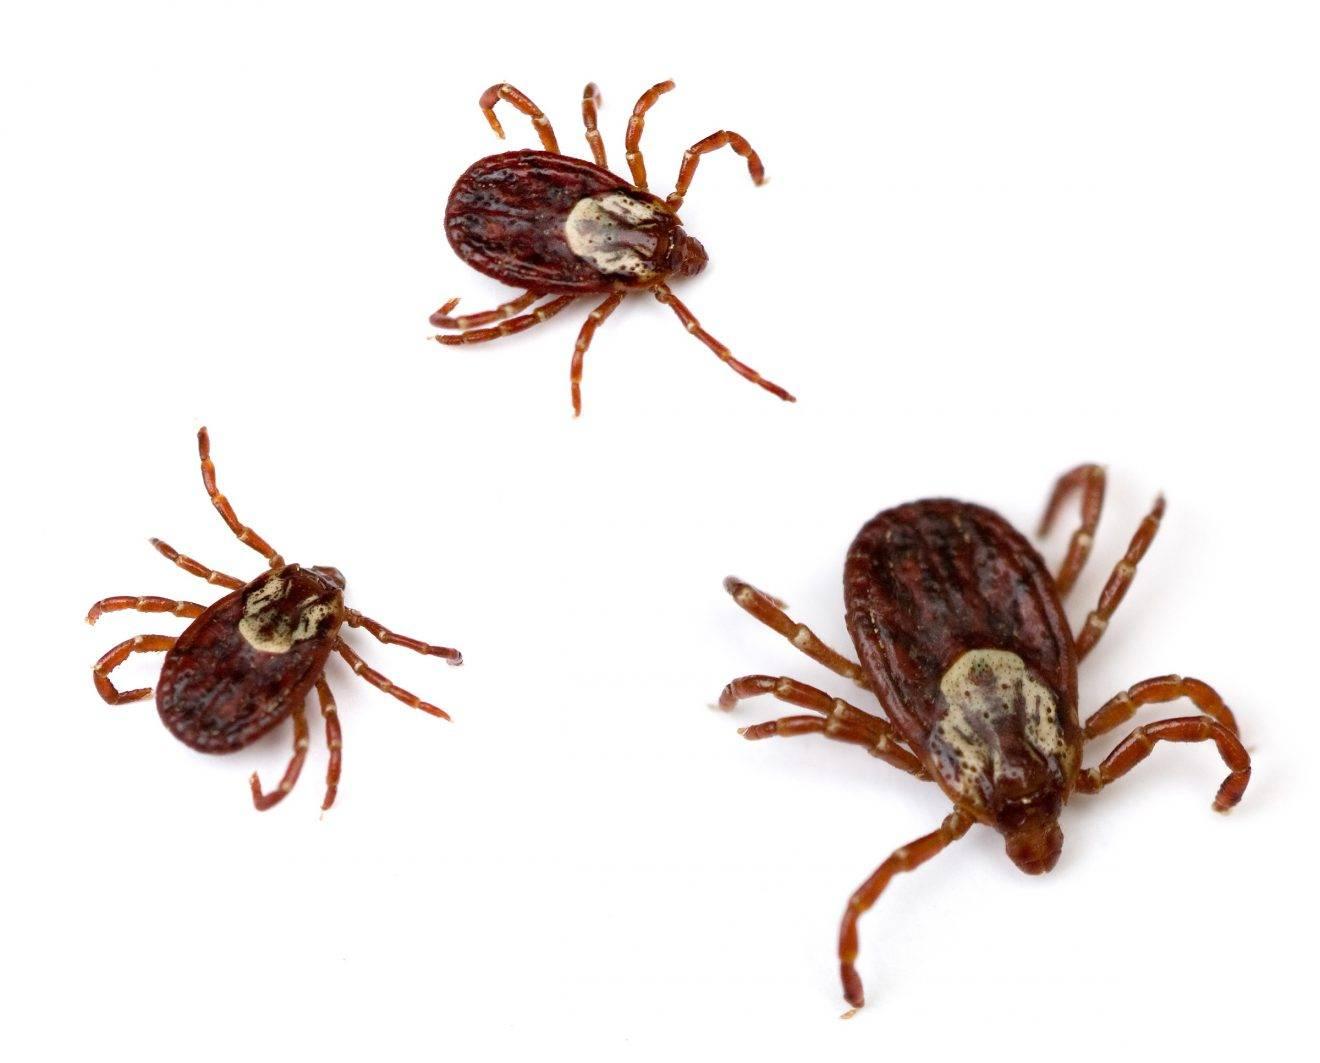 Собачий клещ (ixodes ricinus) – как выглядит, жизненный цикл, опасен ли для людей